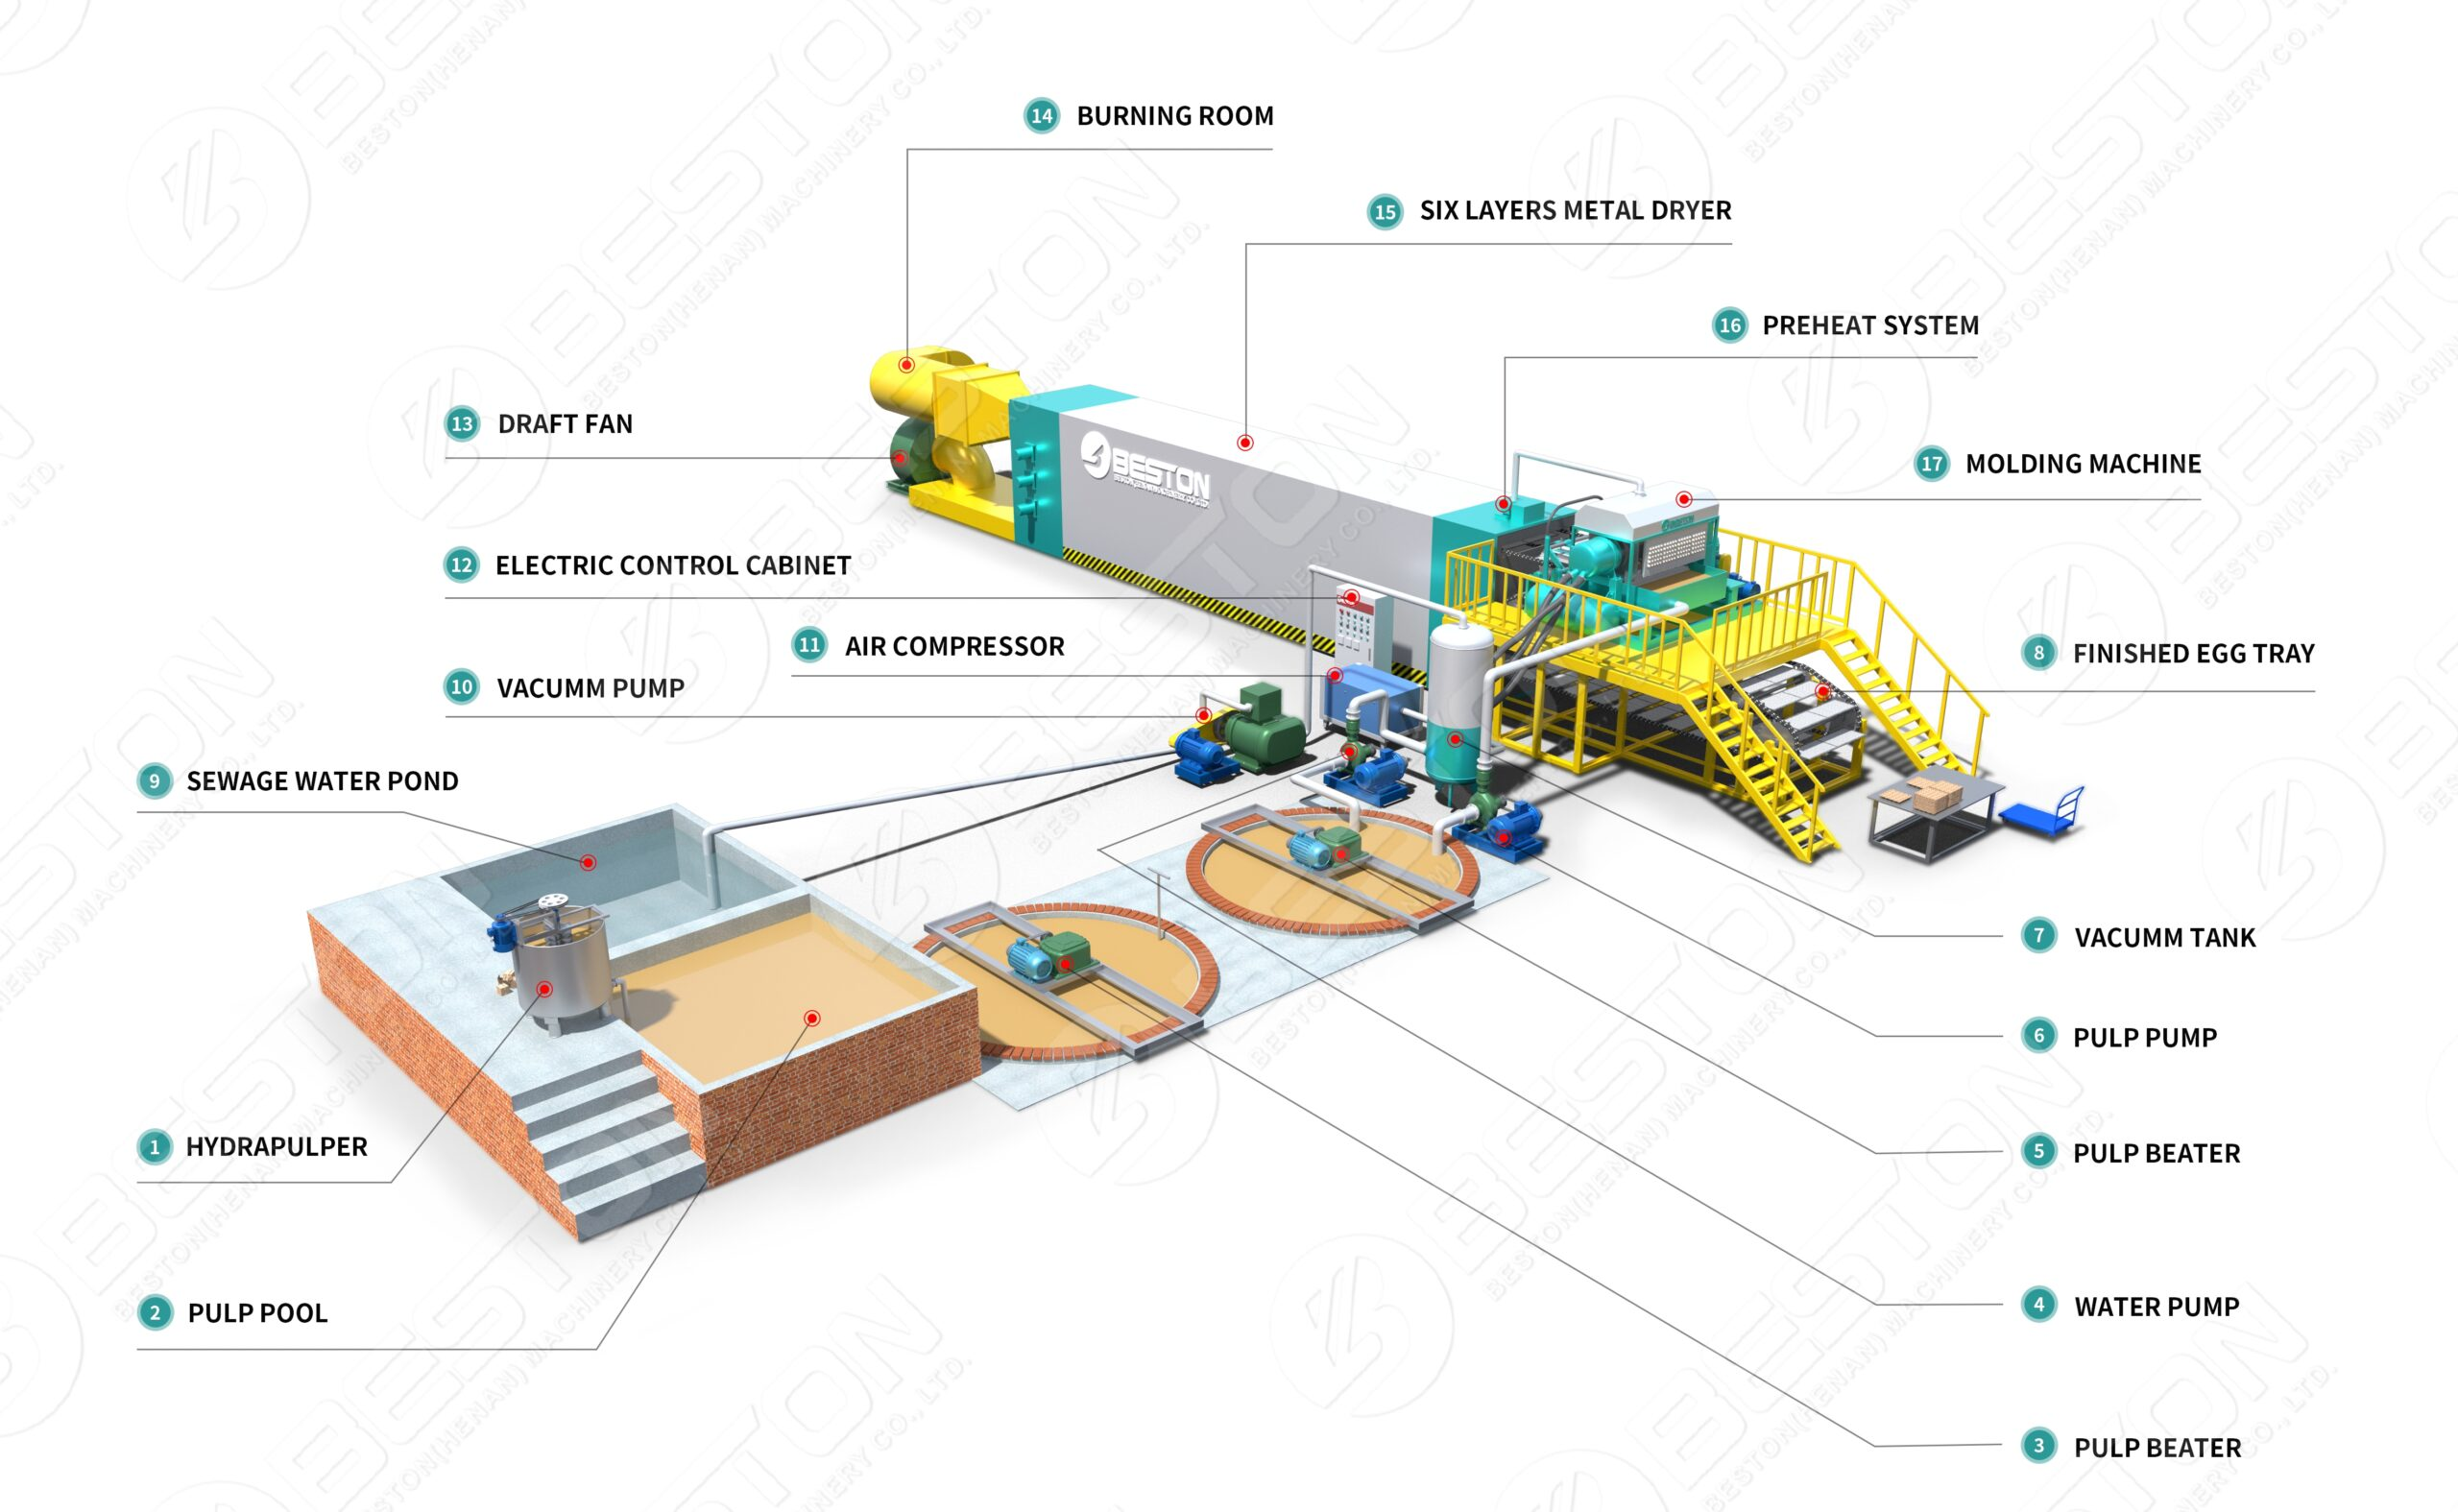 conception de machine de fabrication de bacs à papier